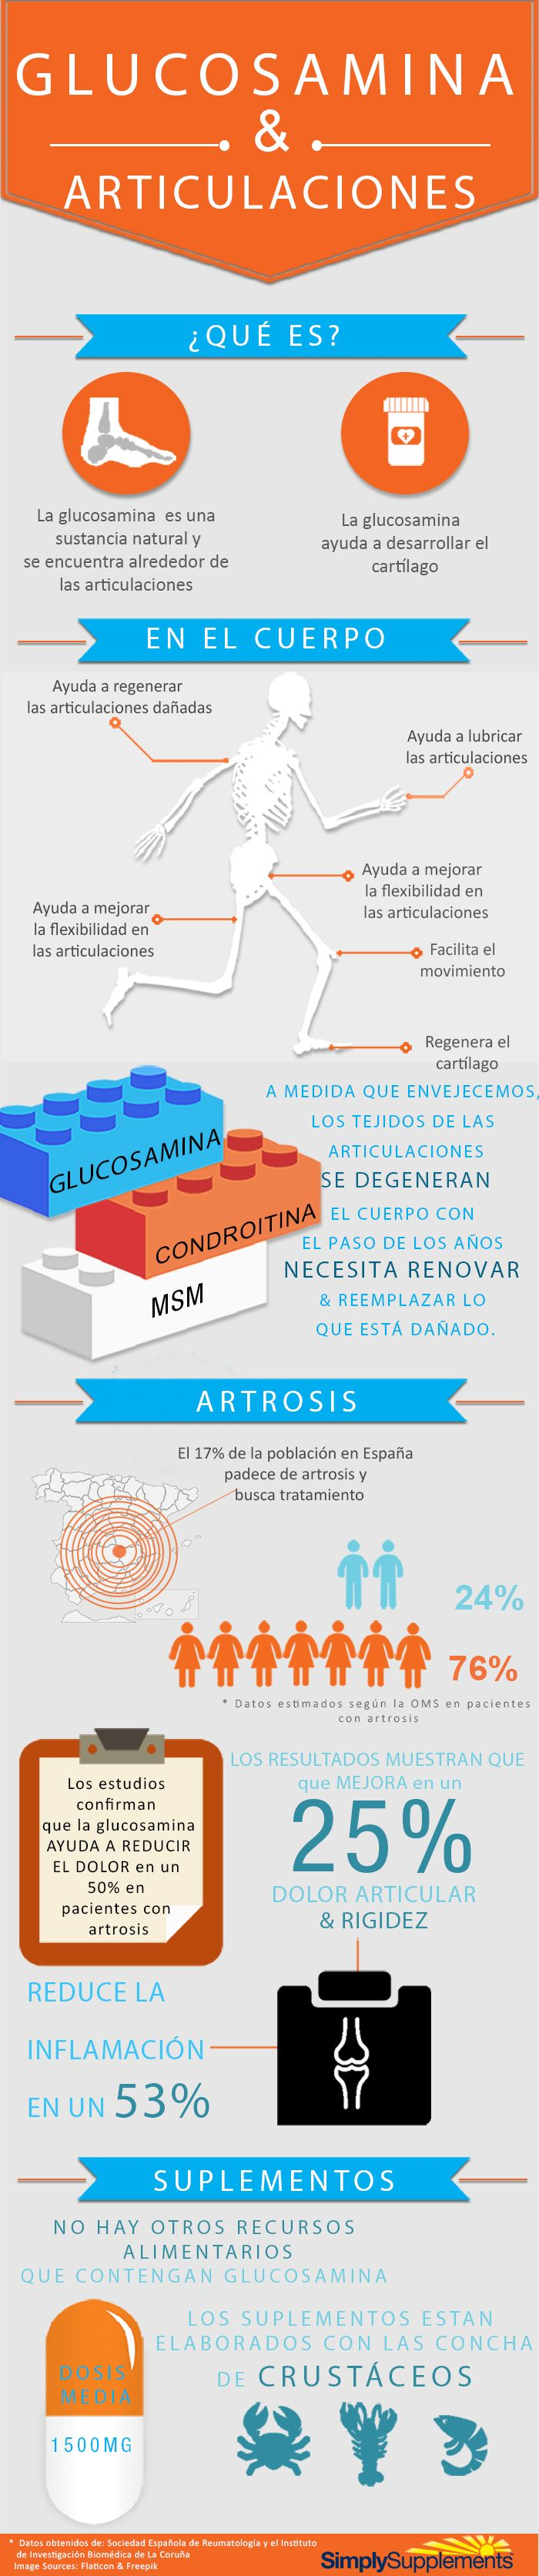 nfografía - Glucosamina para el buen mantenimiento de huesos y articulaciones    La glucosamina es una molécula clave para el buen funcionamiento de las articulaciones y el tejido conectivo.